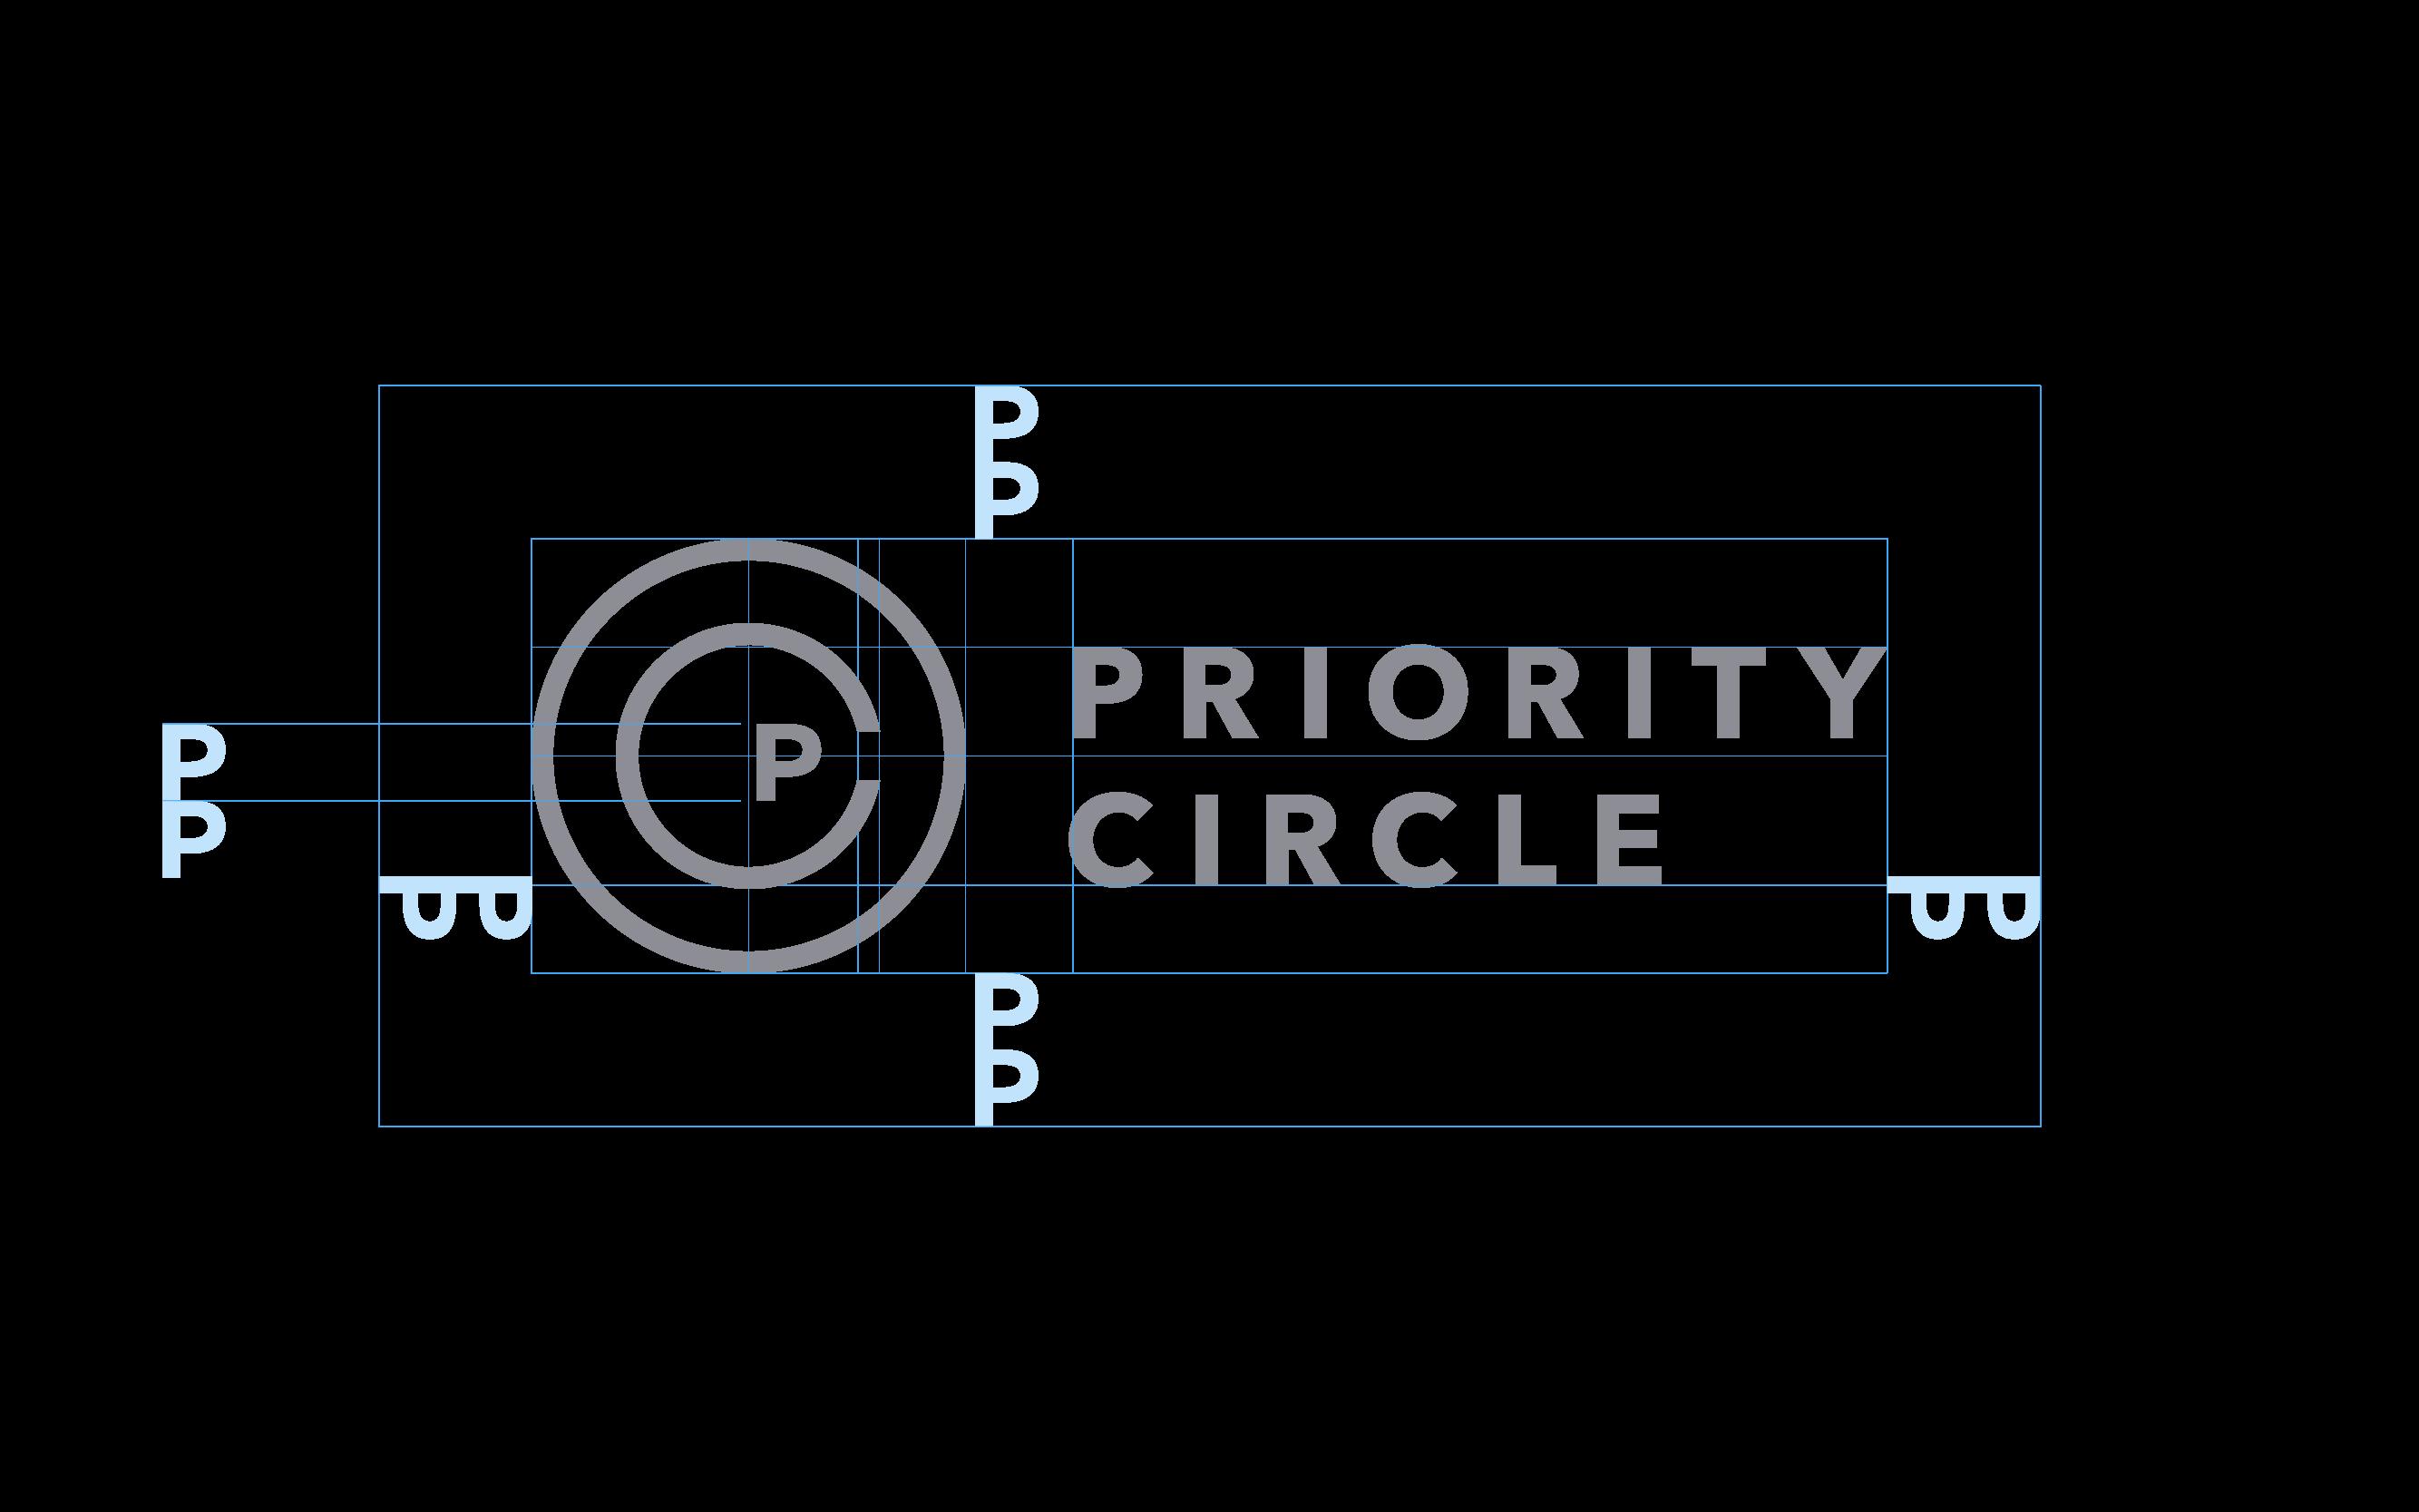 qb_priority_circle_guide-01-10